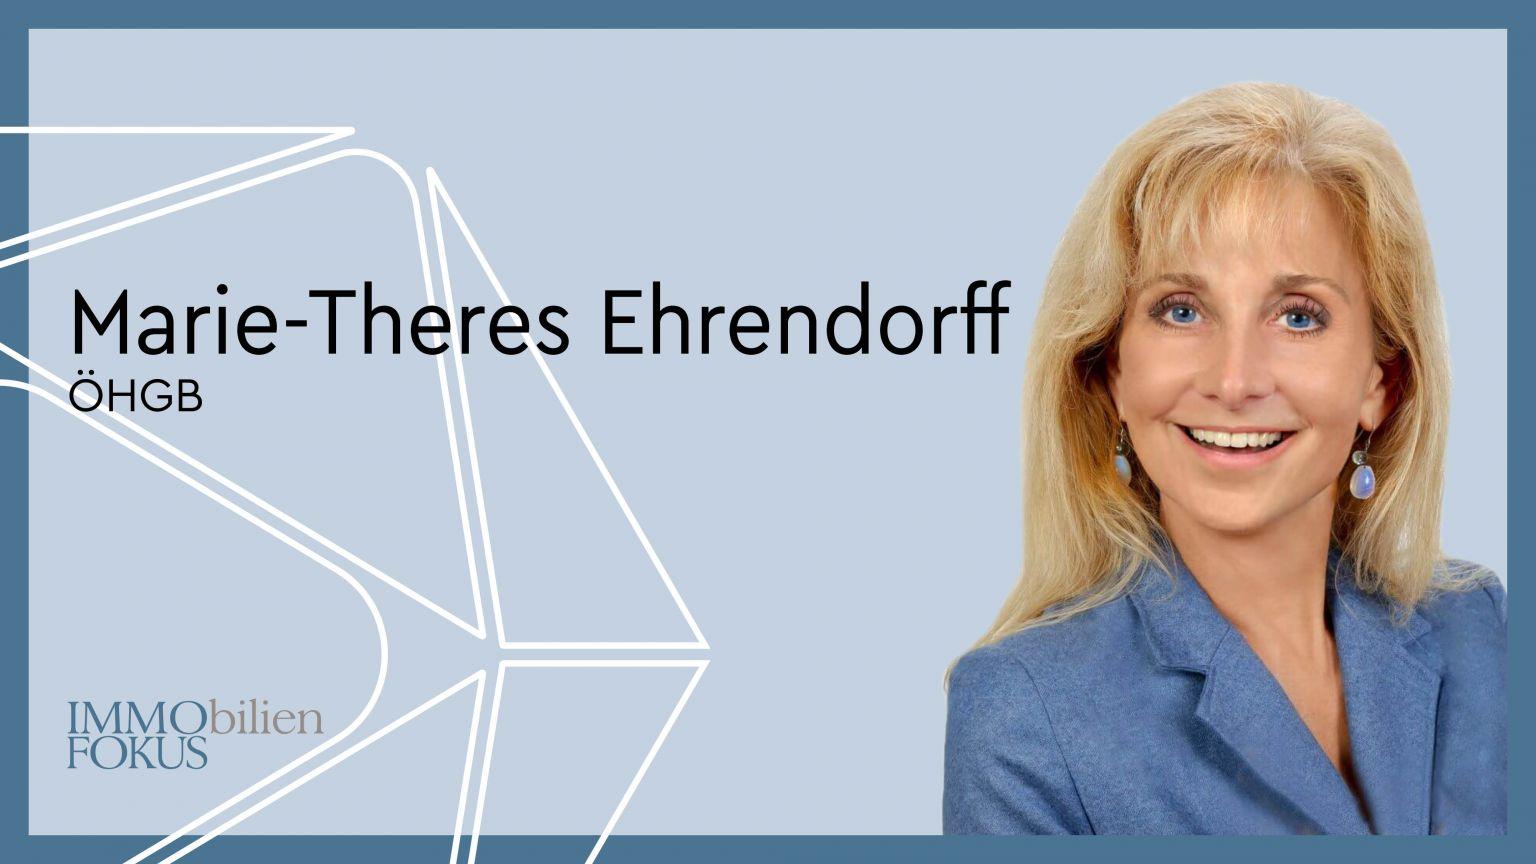 Marie-Theres Ehrendorff ist neue Pressesprecherin des ÖHGB